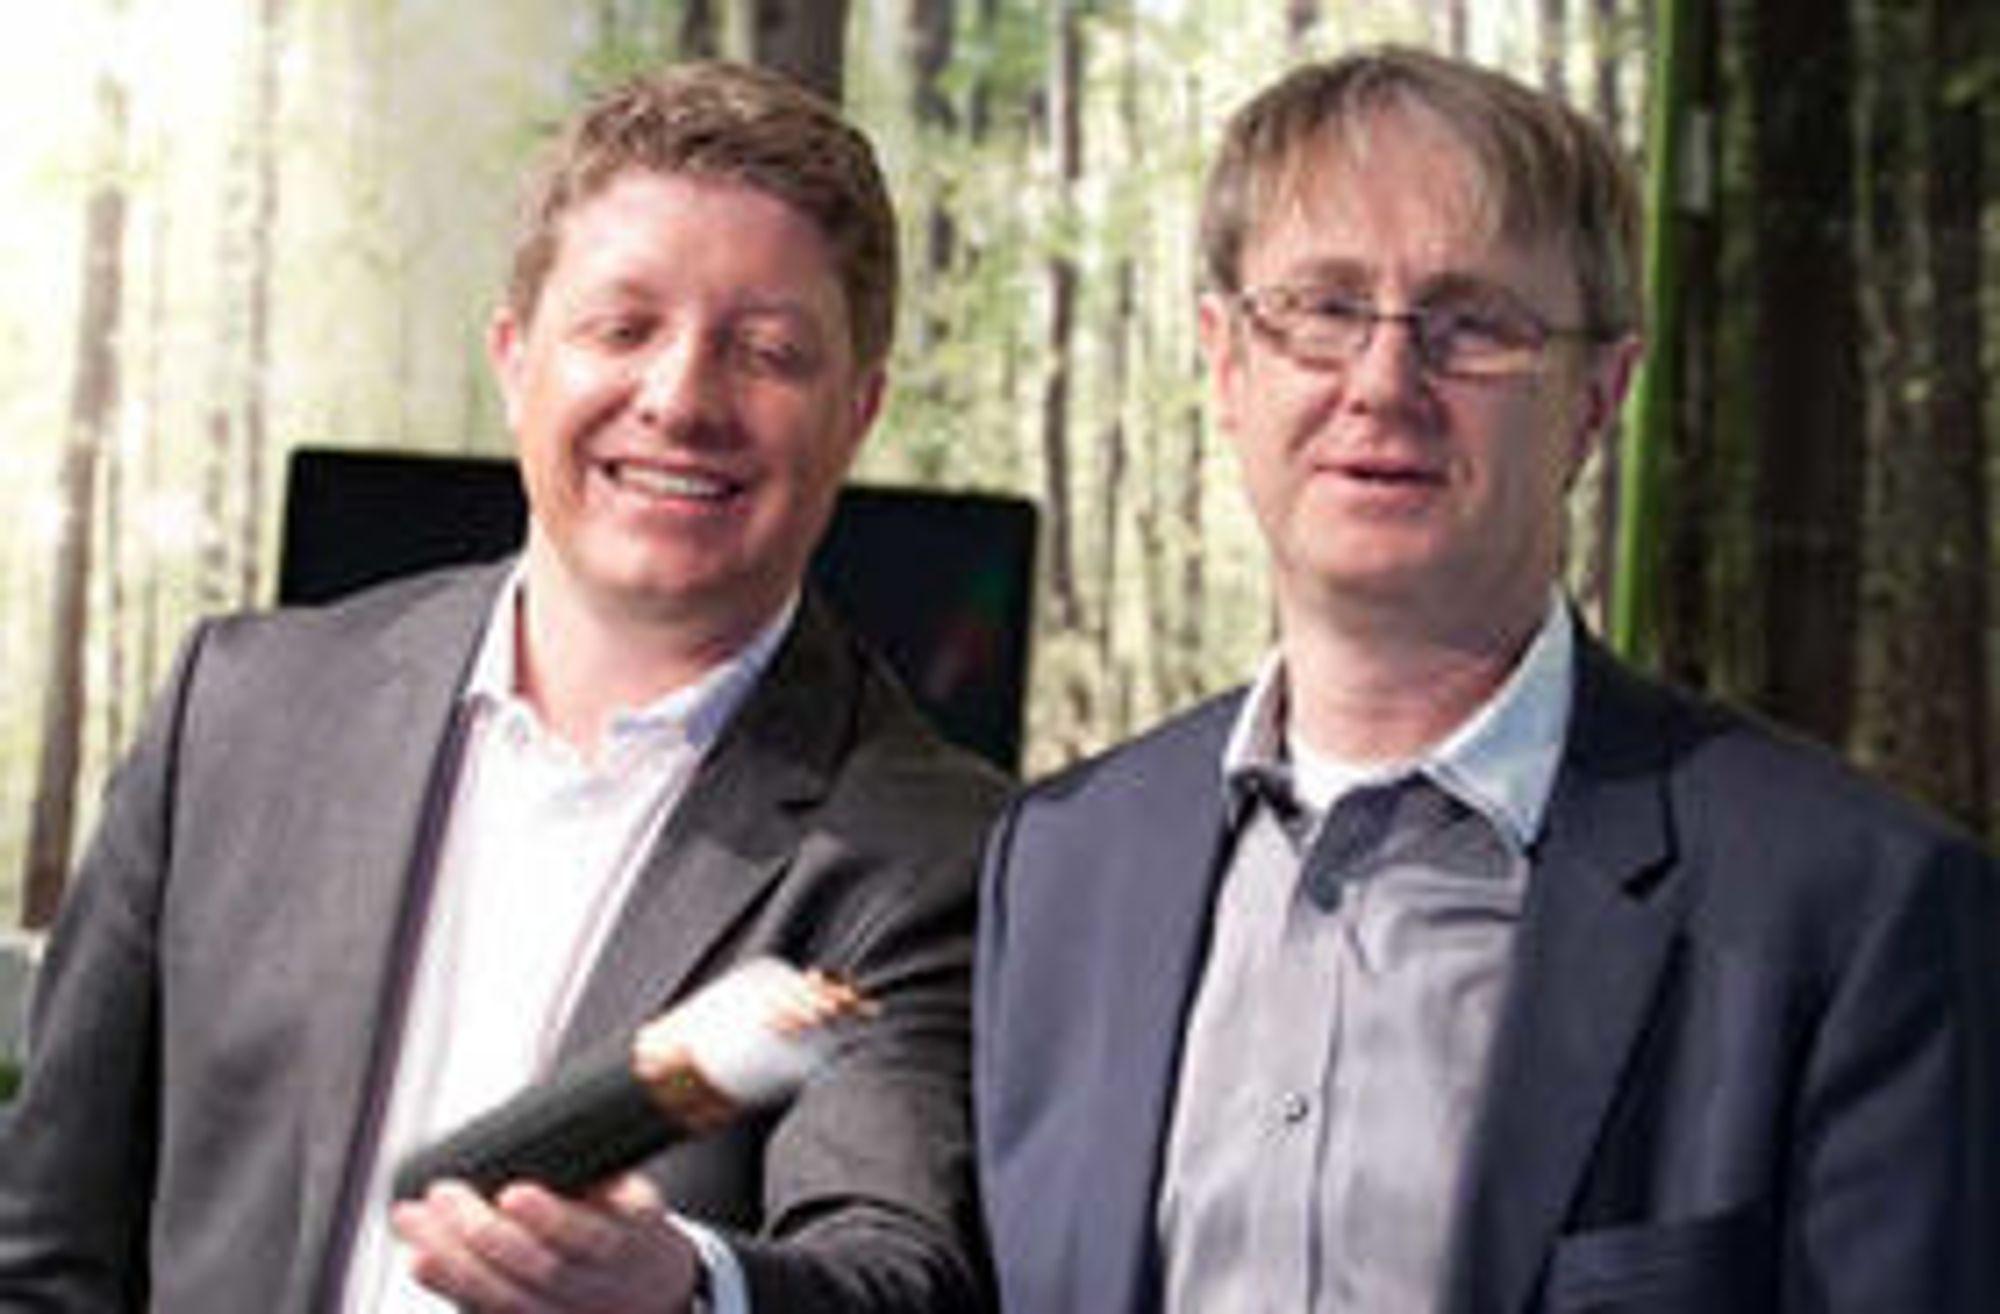 Endelig er det duket for et skikkelig tilbud i t-banetunnelene. Her viser Telenors teknologidirektør (fra v.) Frode Støldal og dekningdirektør Bjørn Amundsen fram kabelen.